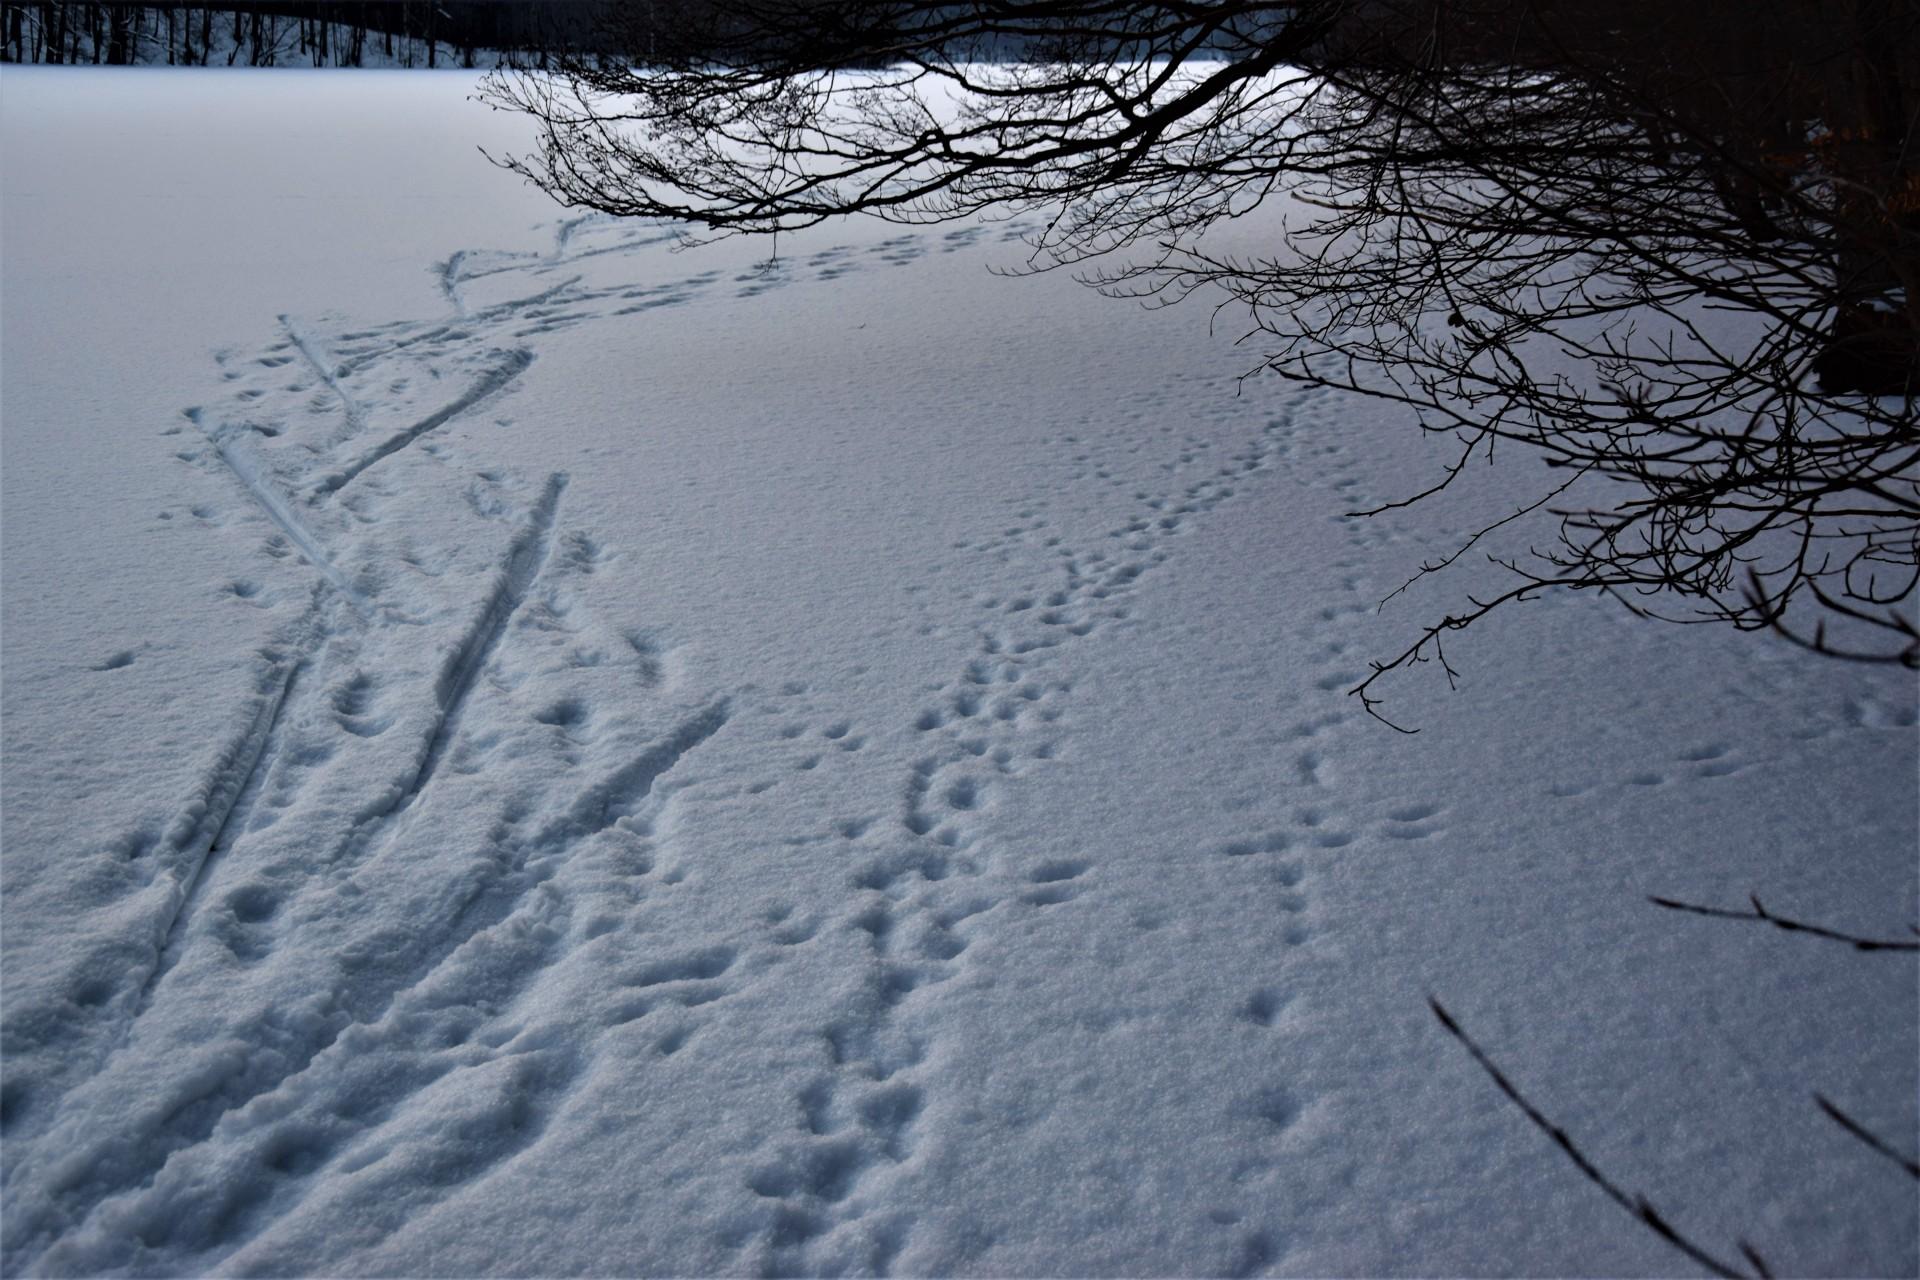 Lasy Mirachowskie zimą czyli Buschcraft w wersji light 13